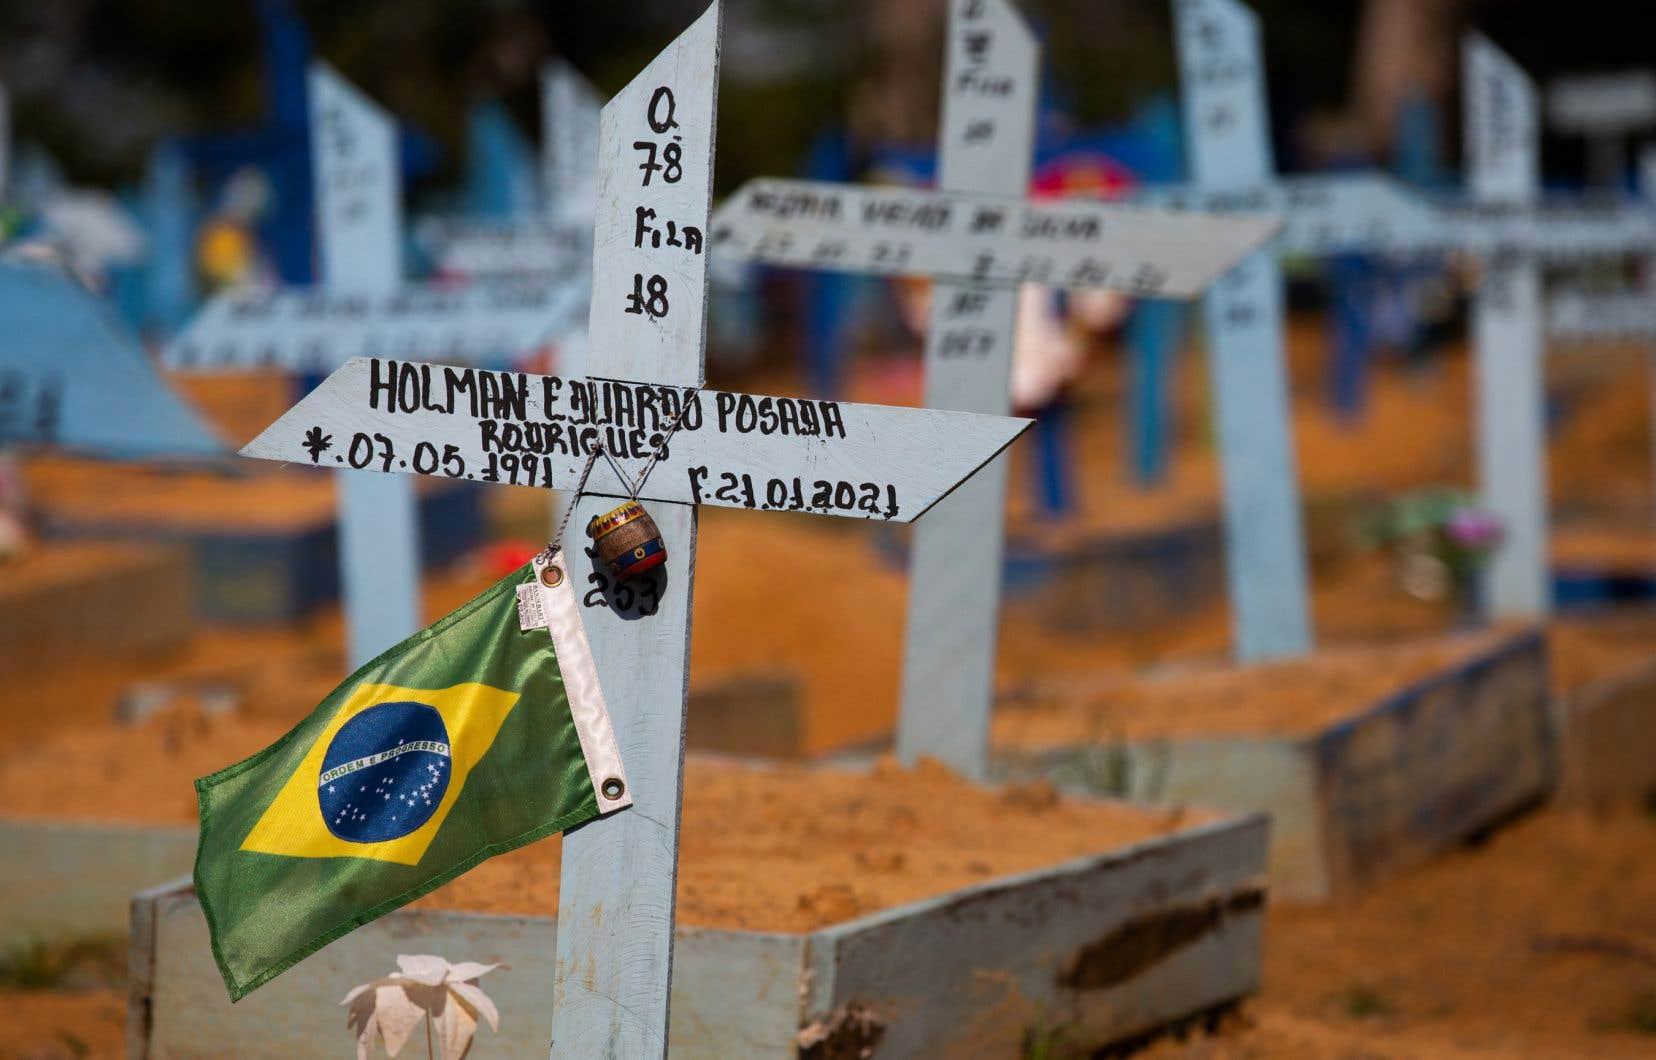 La deuxième semaine d'avril a été la plus dévastatrice au Brésil, avec deux journées à plus de 4000 morts enregistrées en 24heures.